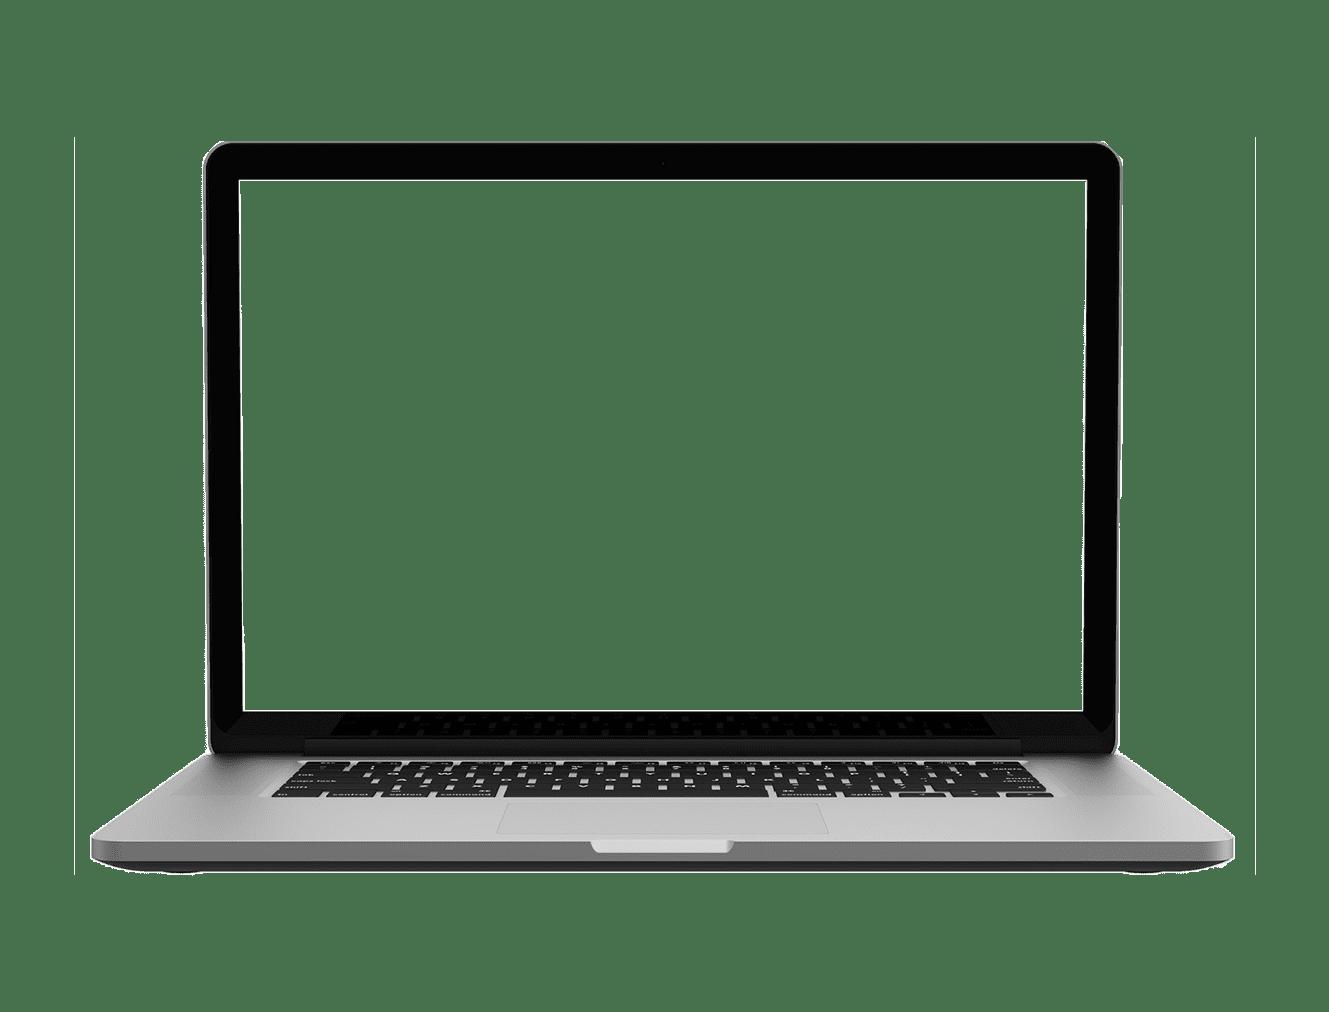 MacBook-Rahmen